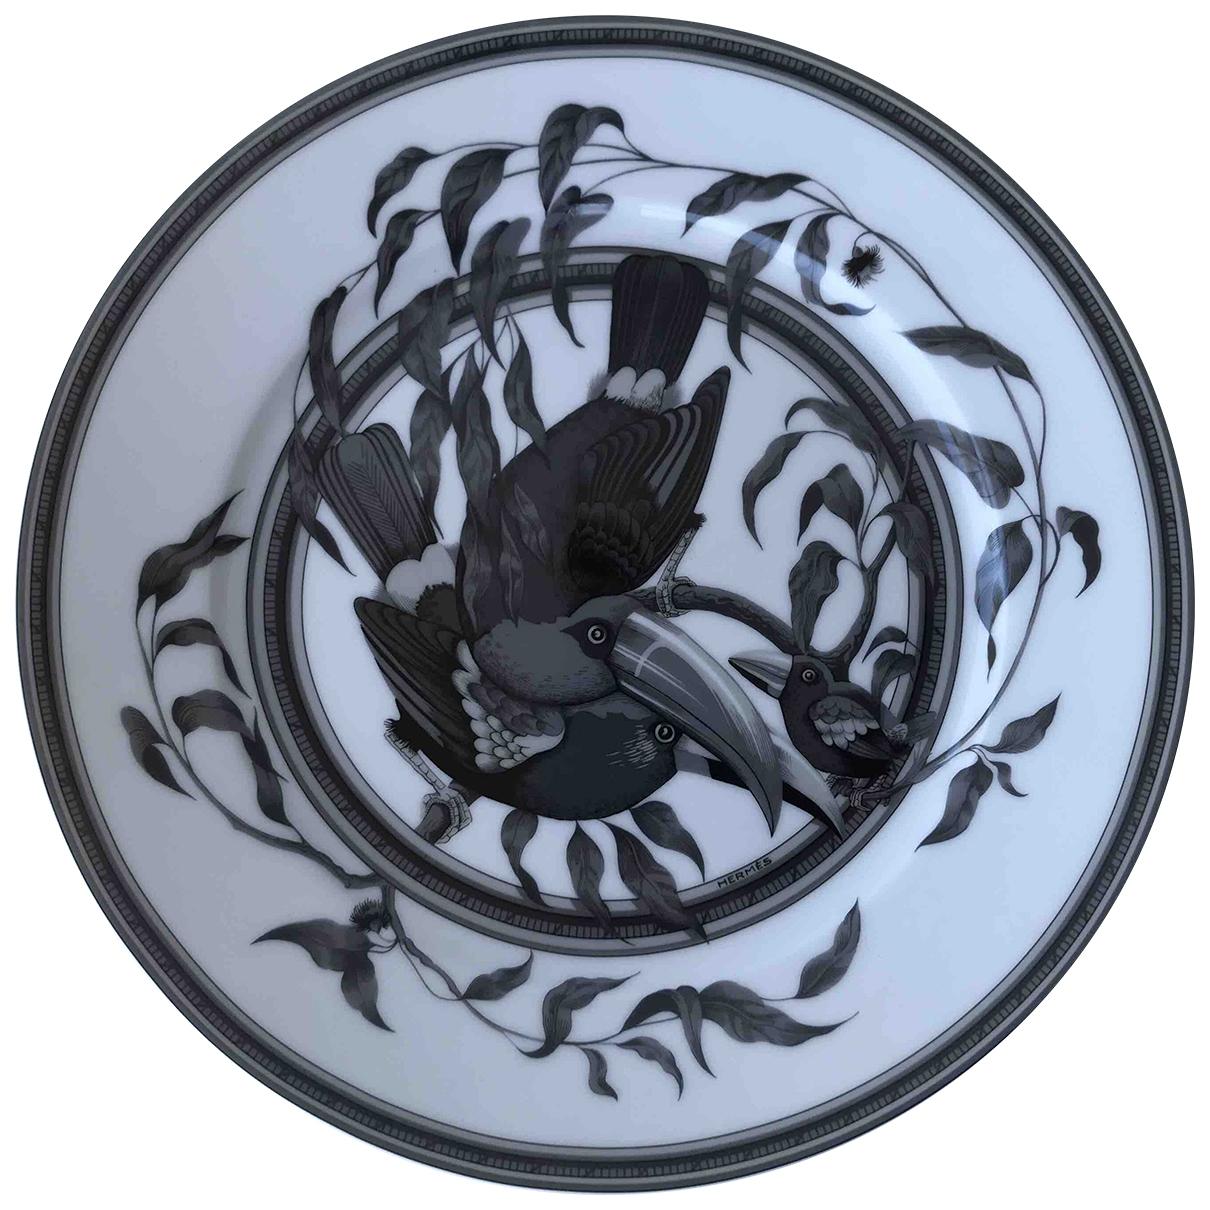 Hermes - Arts de la table Toucans pour lifestyle en ceramique - noir